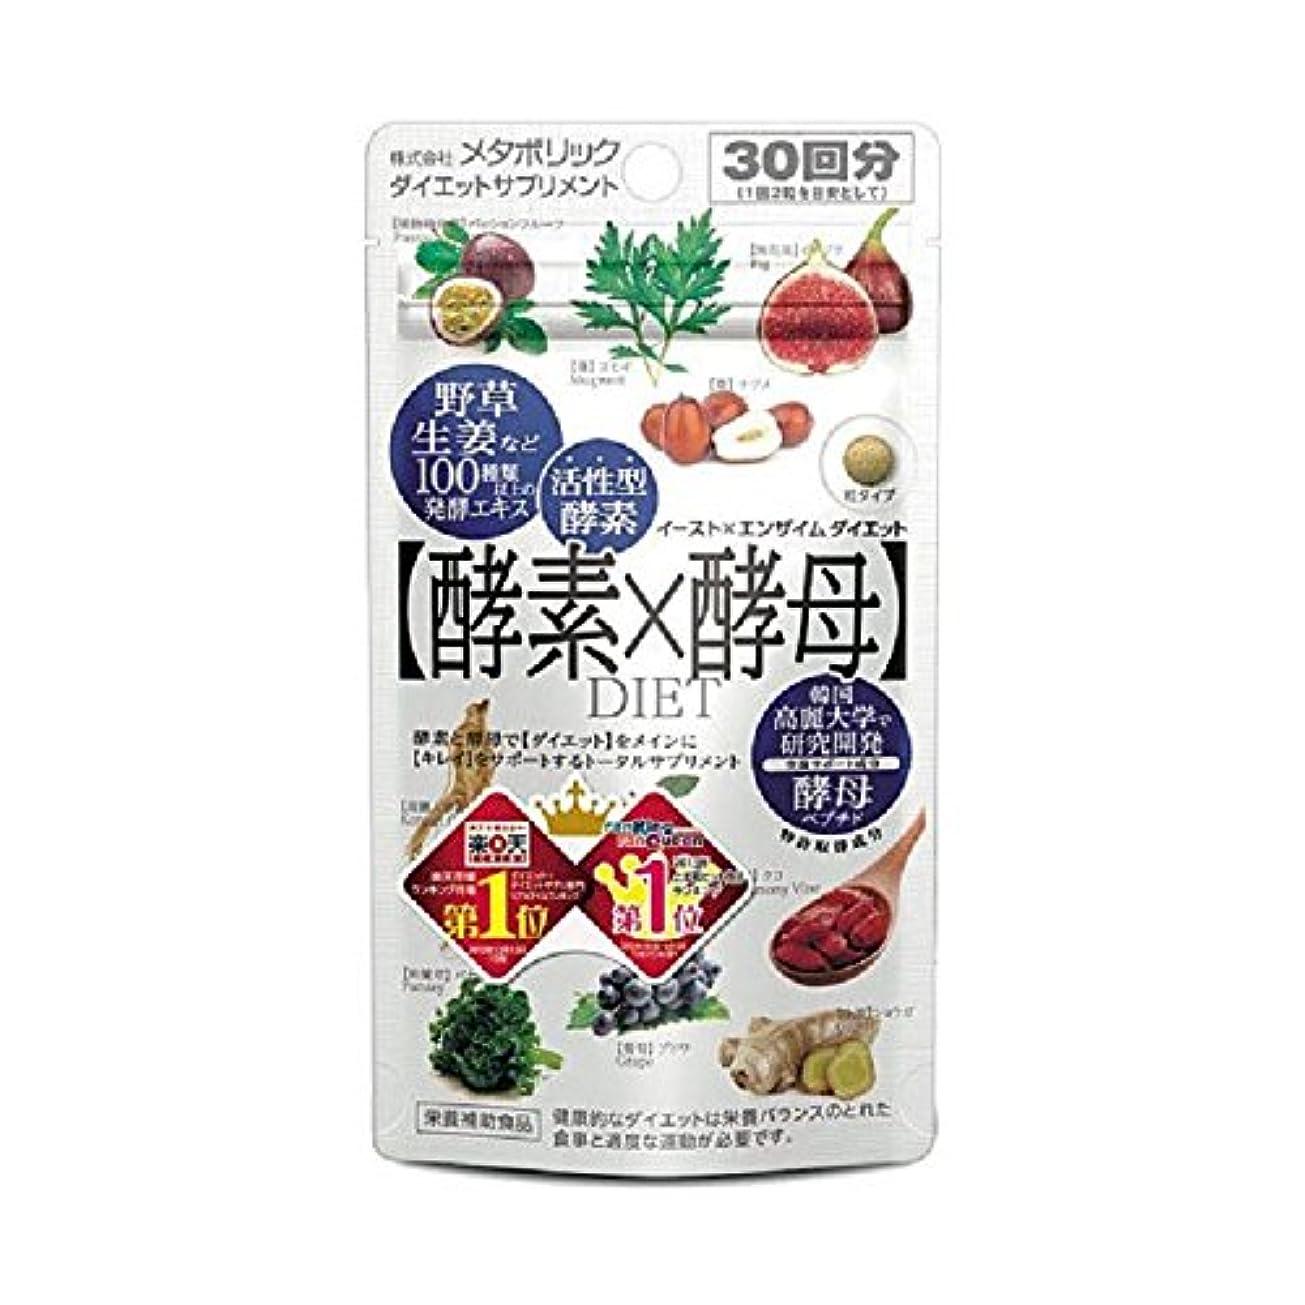 弾性バラバラにする日付酵素×酵母 イースト×エンザイムダイエット 60粒×5個セット